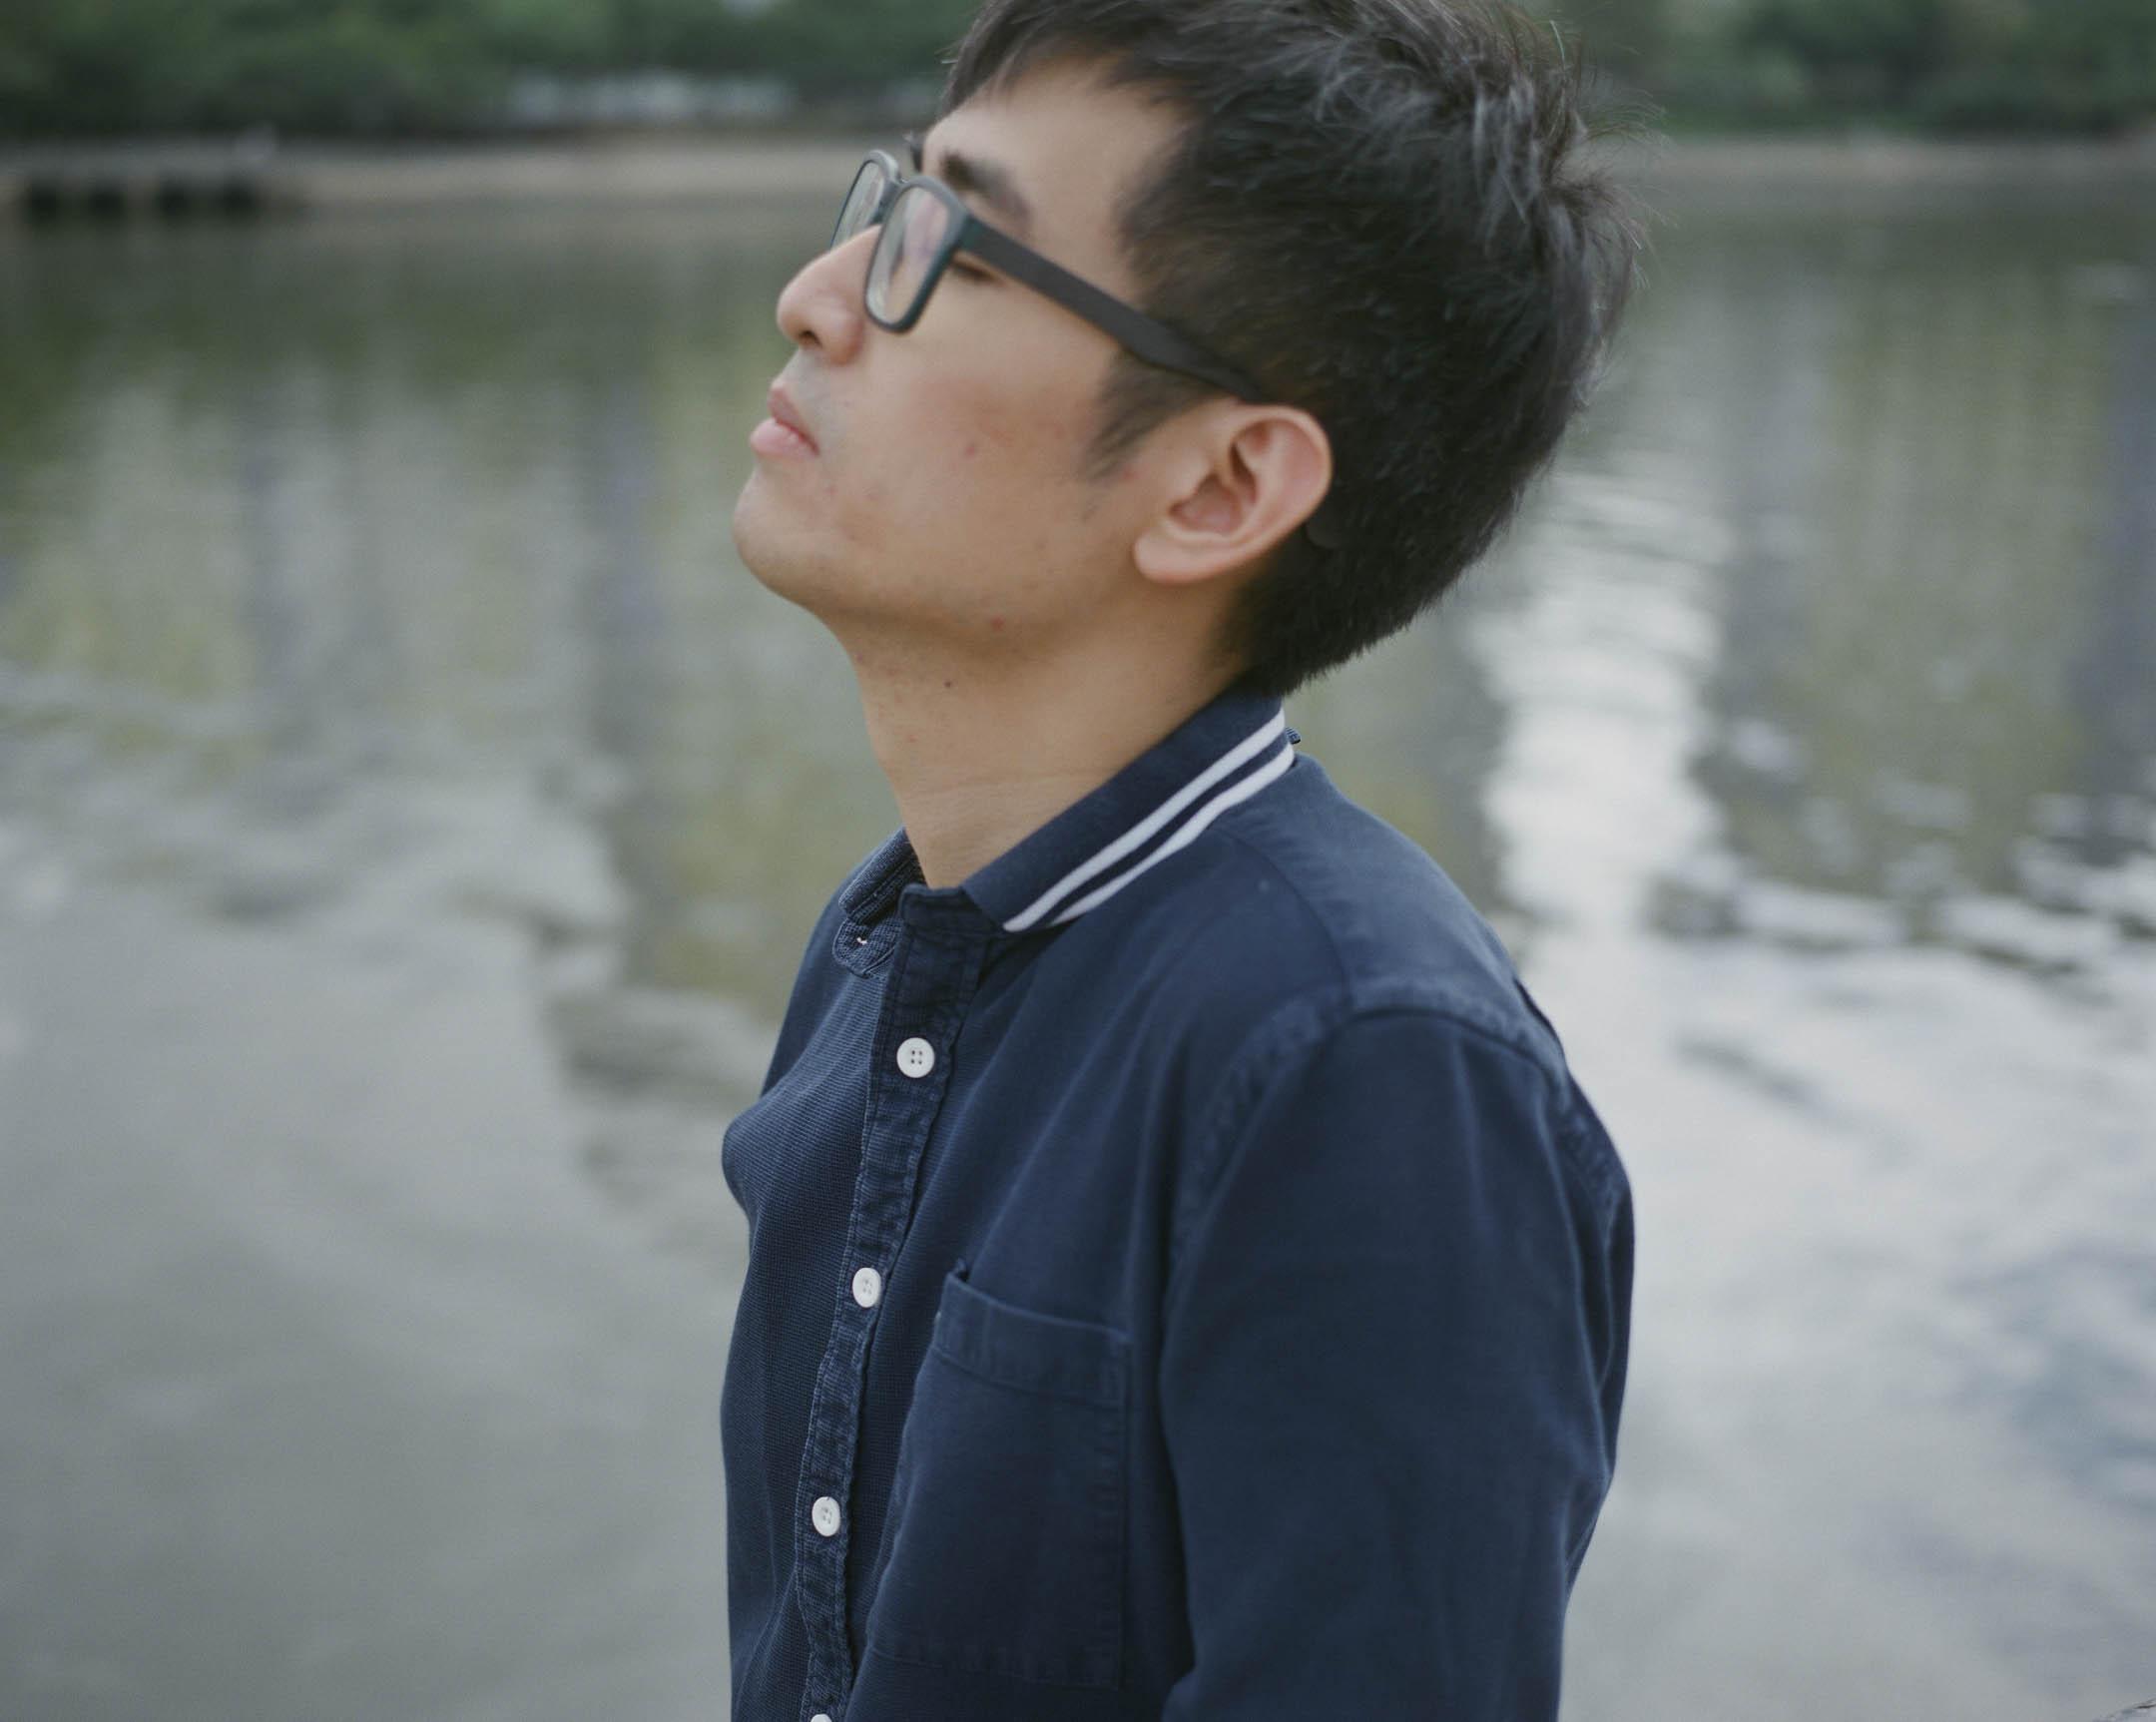 周永康,2014年雨傘運動期間擔任學聯秘書長,於2016年因參與重奪「公民廣場」行動,被判非法集會罪成立。 攝:林振東/端傳媒